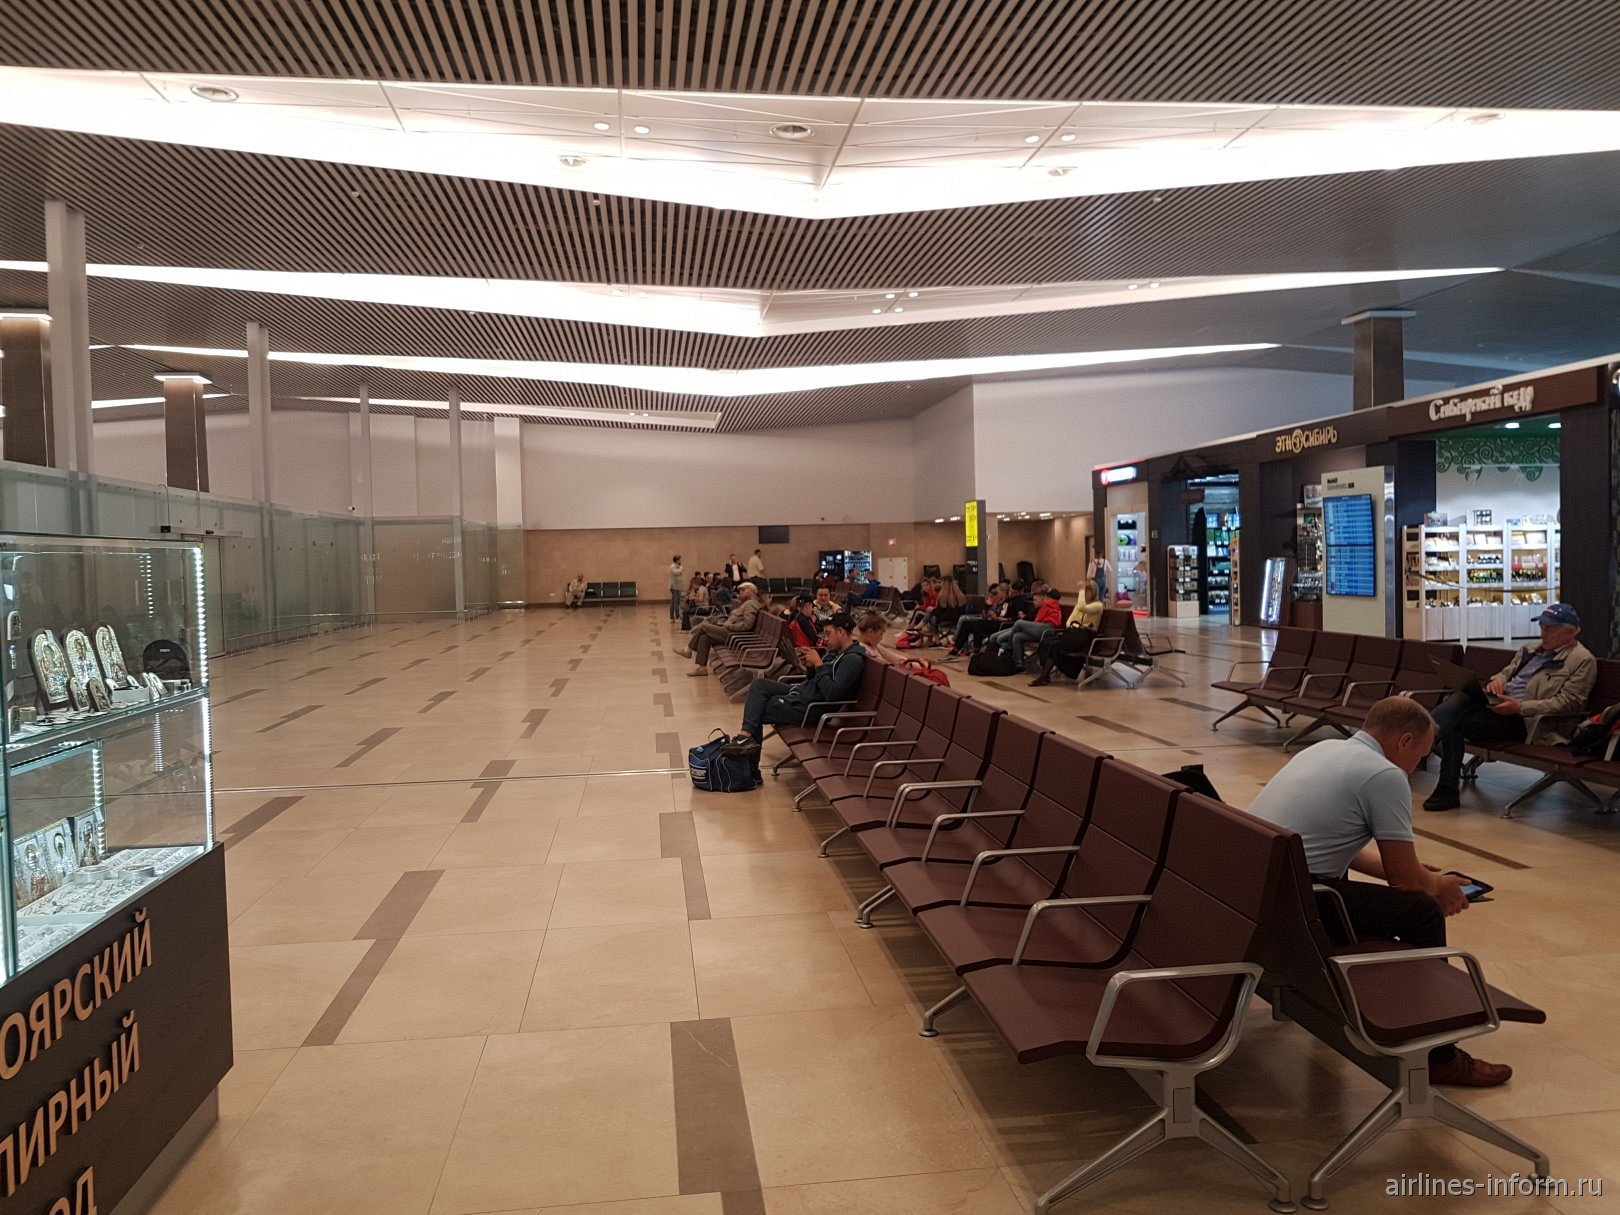 Зал ожидания в чистой зоне нового терминала аэропорта Красноярск Емельяново